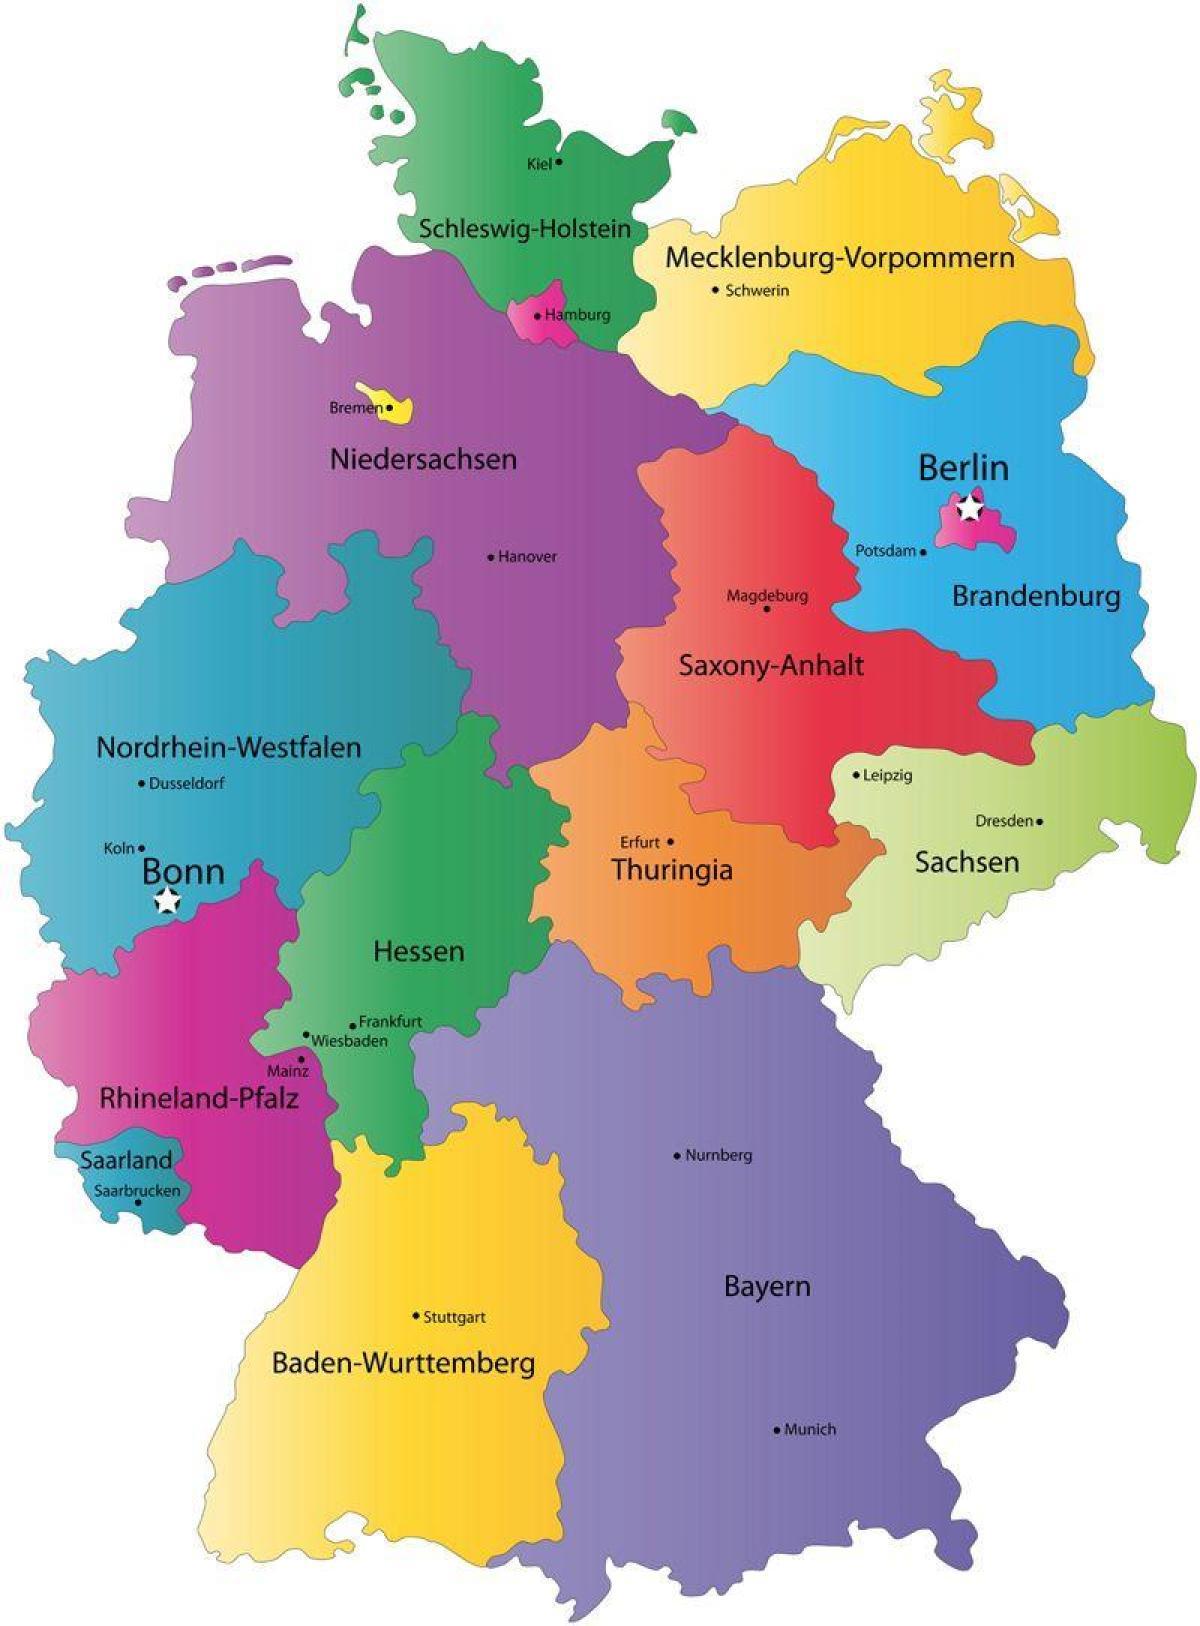 kart over tyskland Tyskland staten kart   Kart over Tyskland state (Vest Europa   Europa) kart over tyskland